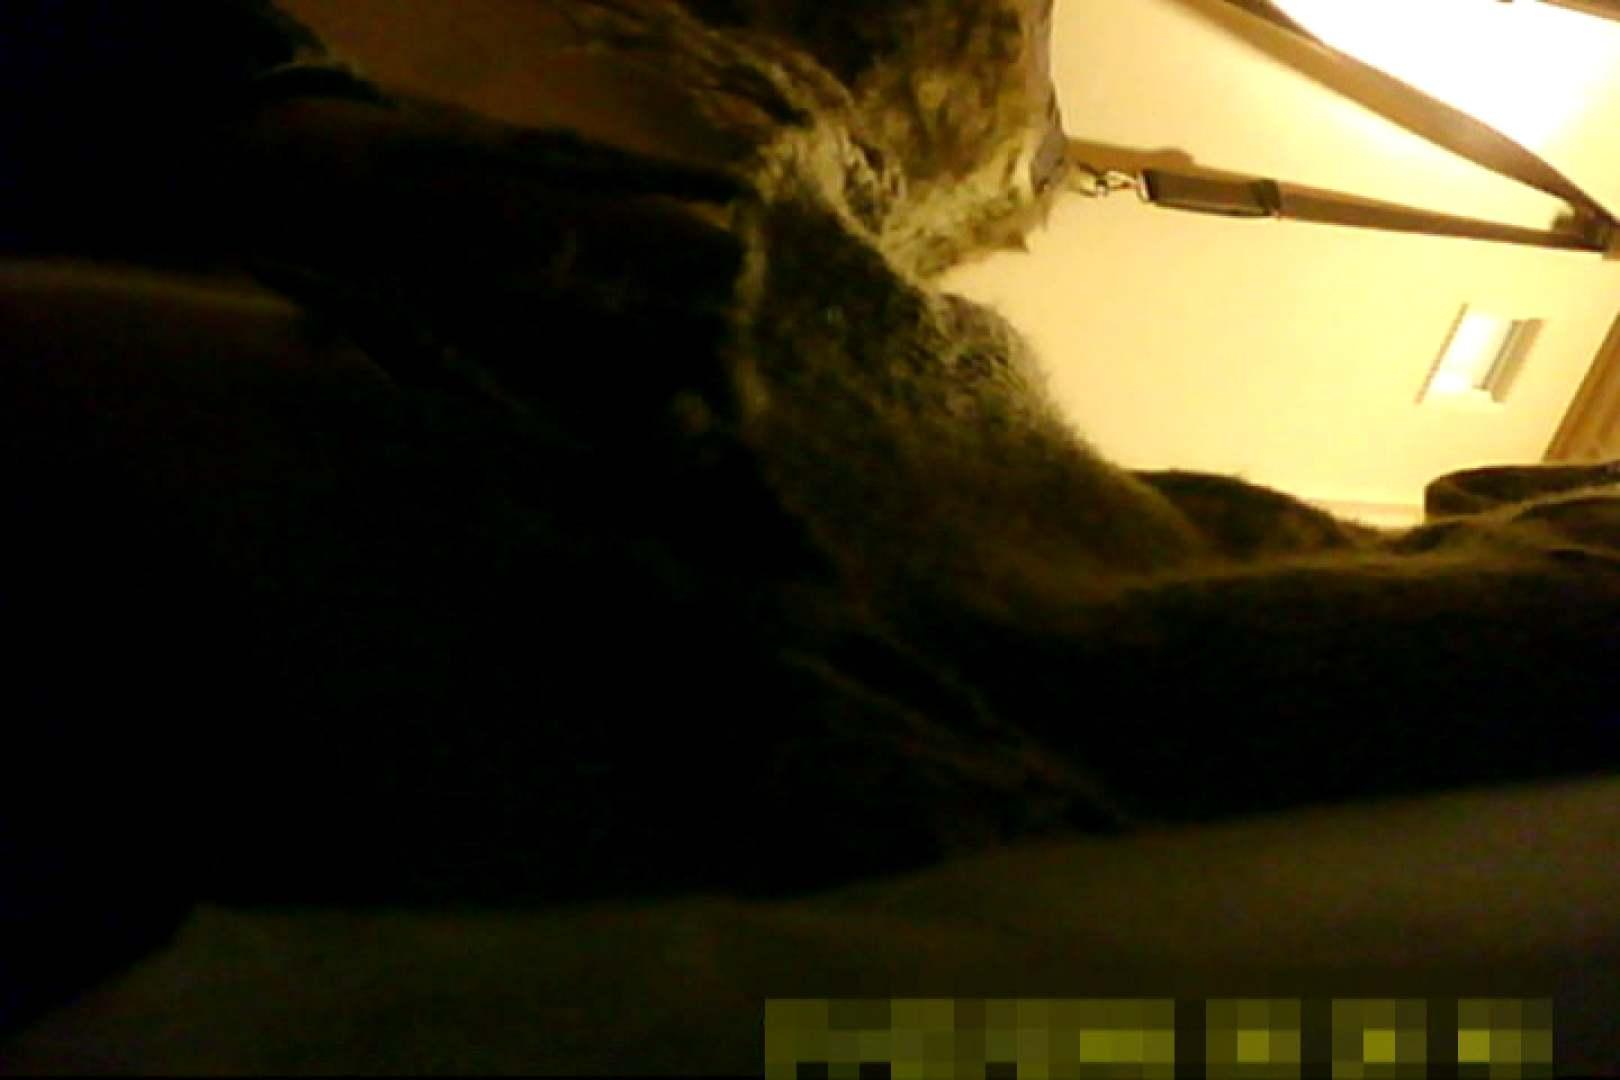 魅惑の化粧室~禁断のプライベート空間~vol.8 色っぽいOL達 | その他  84pic 45